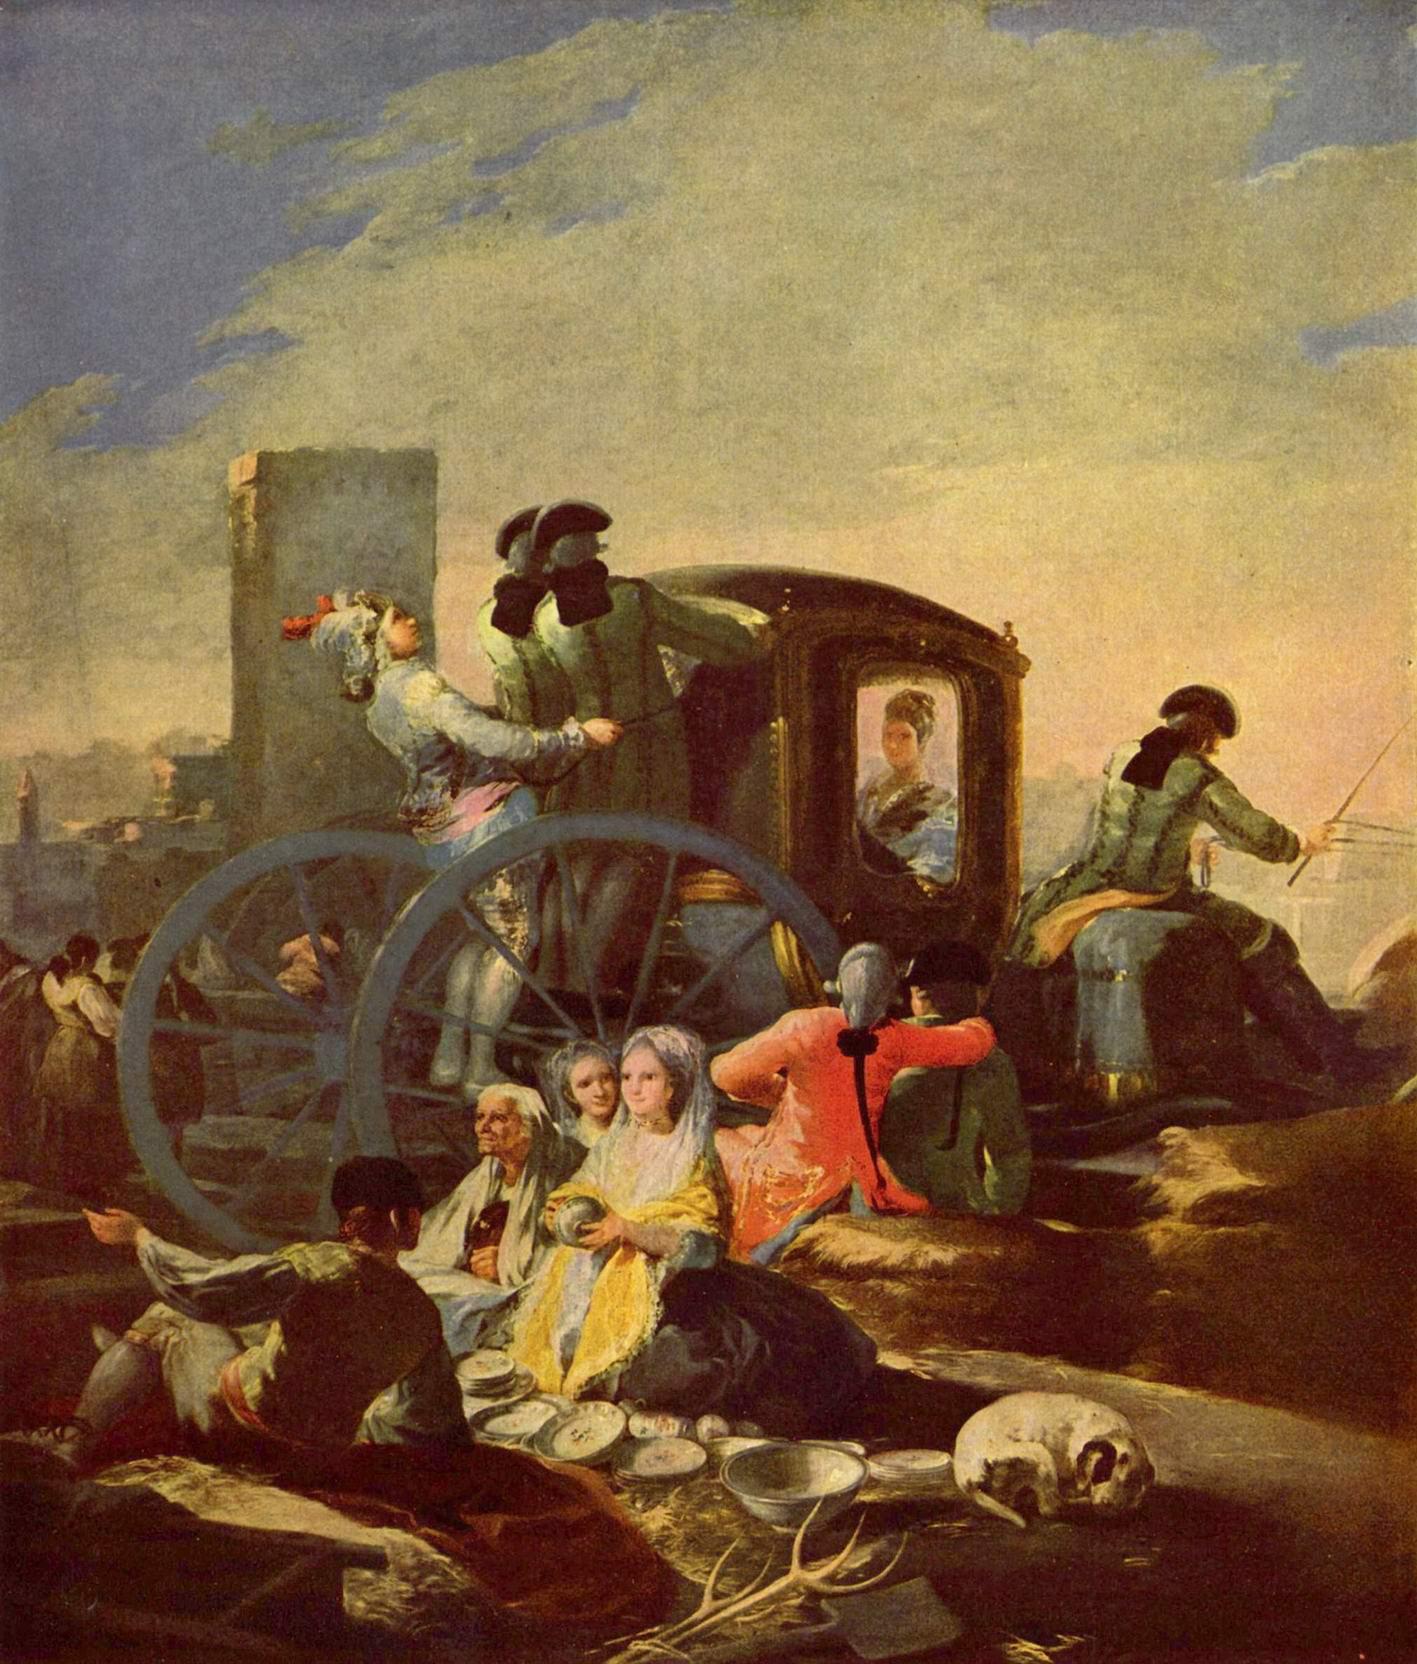 Продавщицы горшков, Франсиско де Гойя-и-Лусьентес